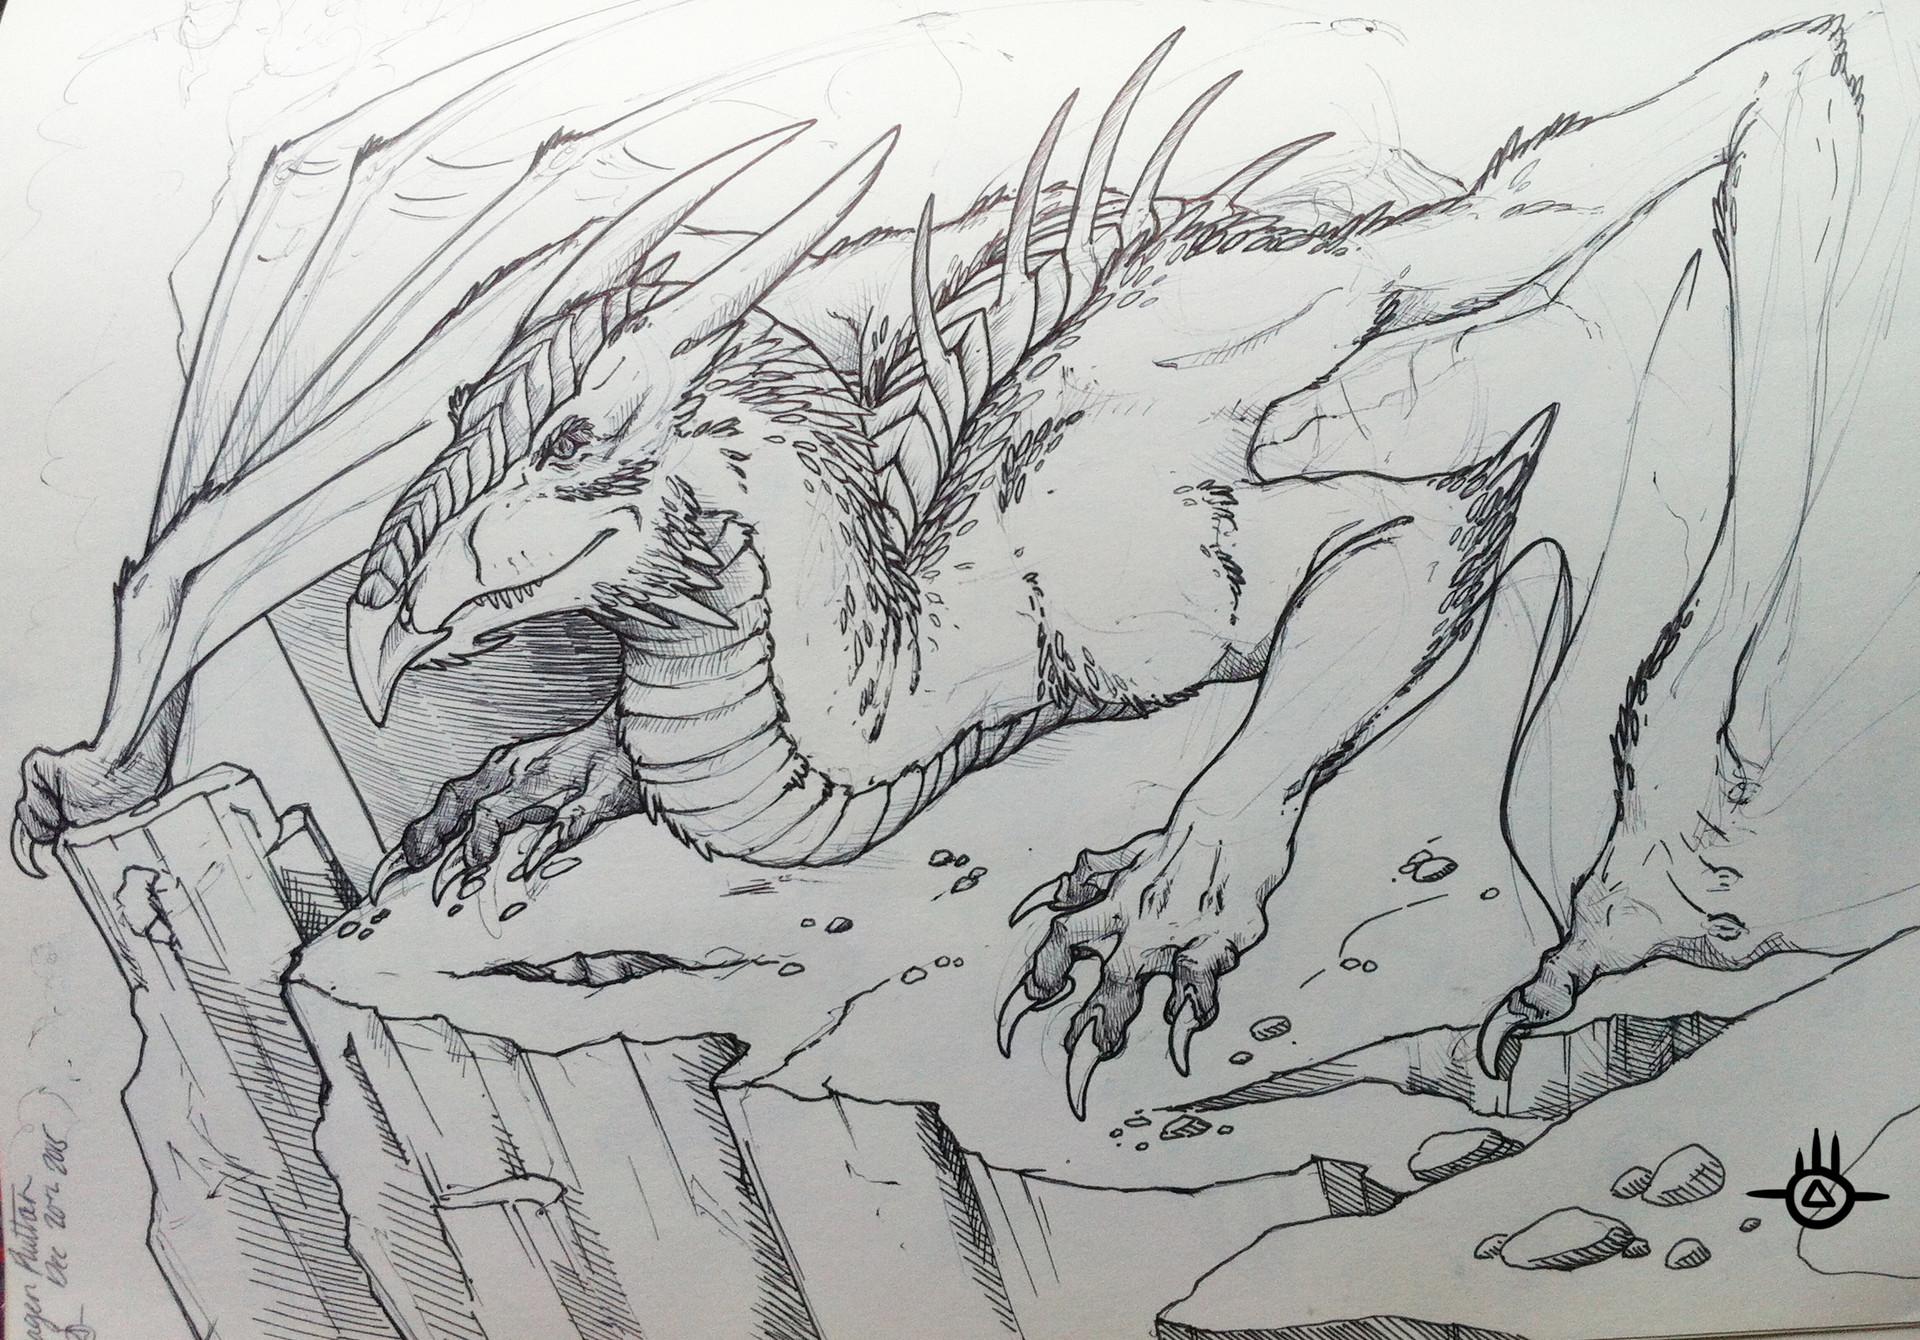 Meagen ruttan dragonlair meagen 2015 01